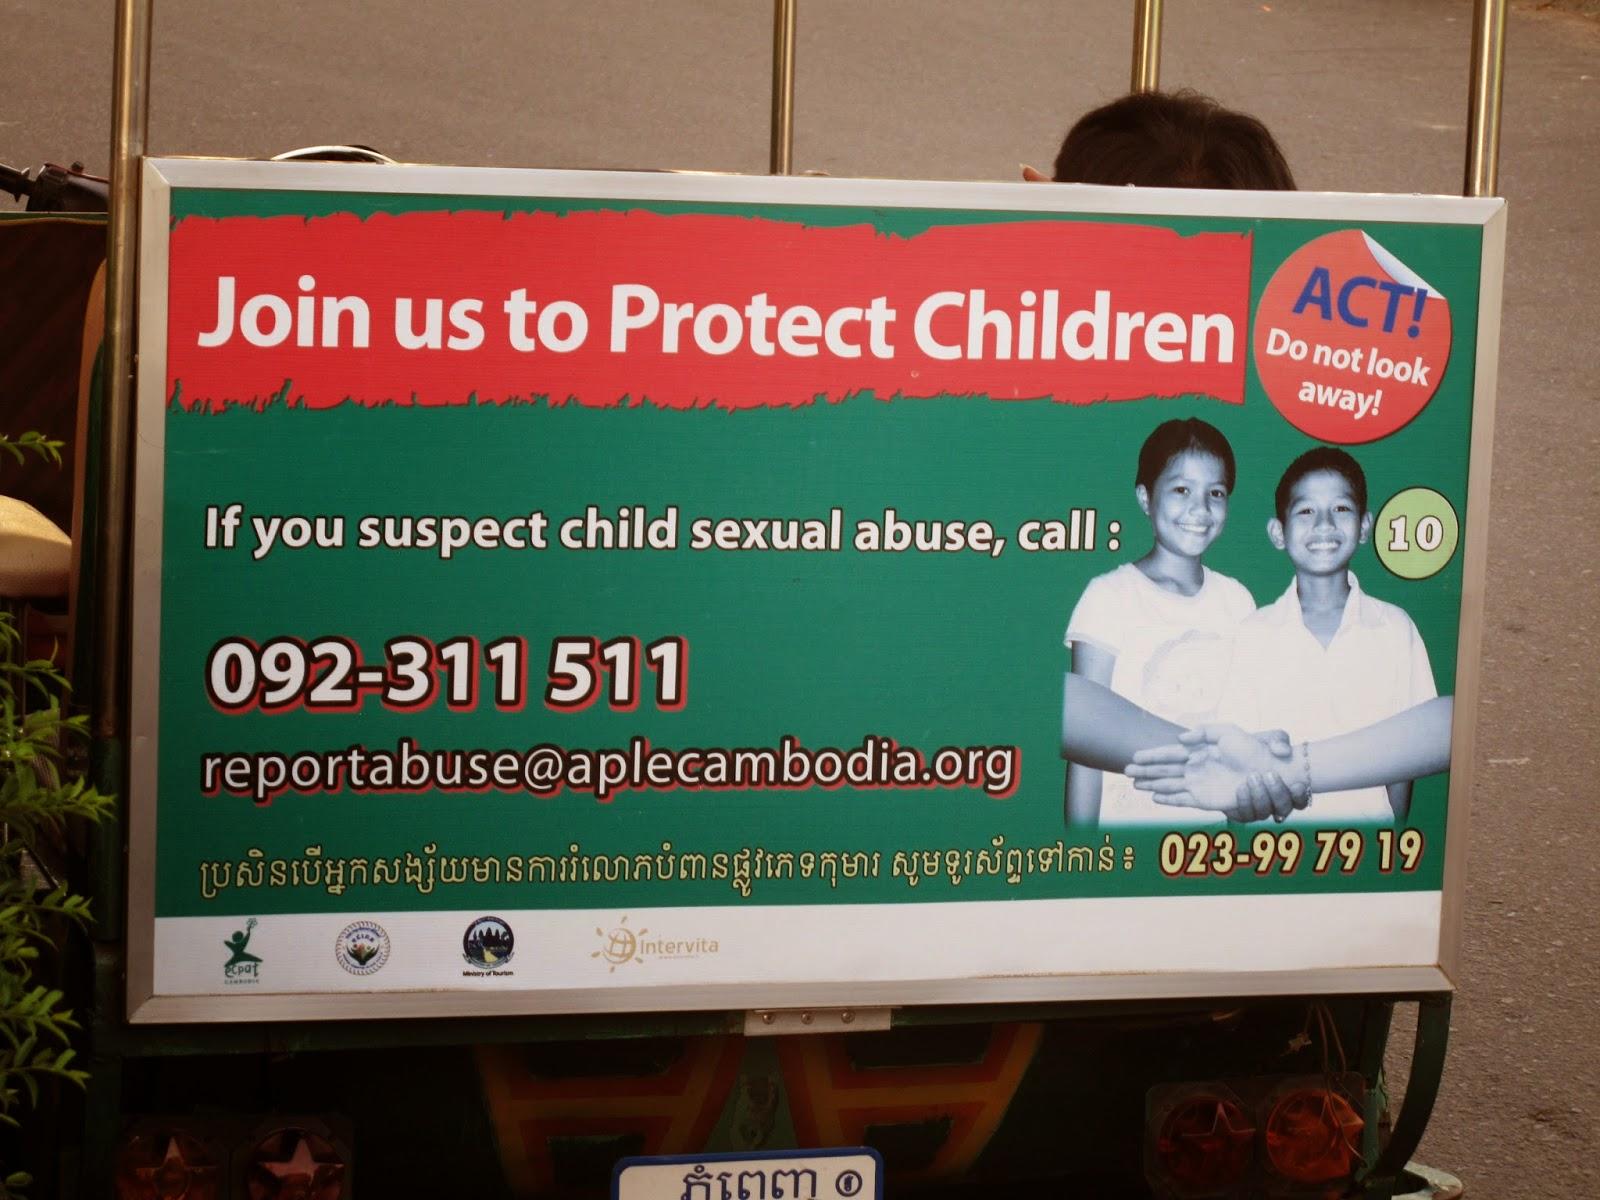 Contra la prostitución infantil en Camboya